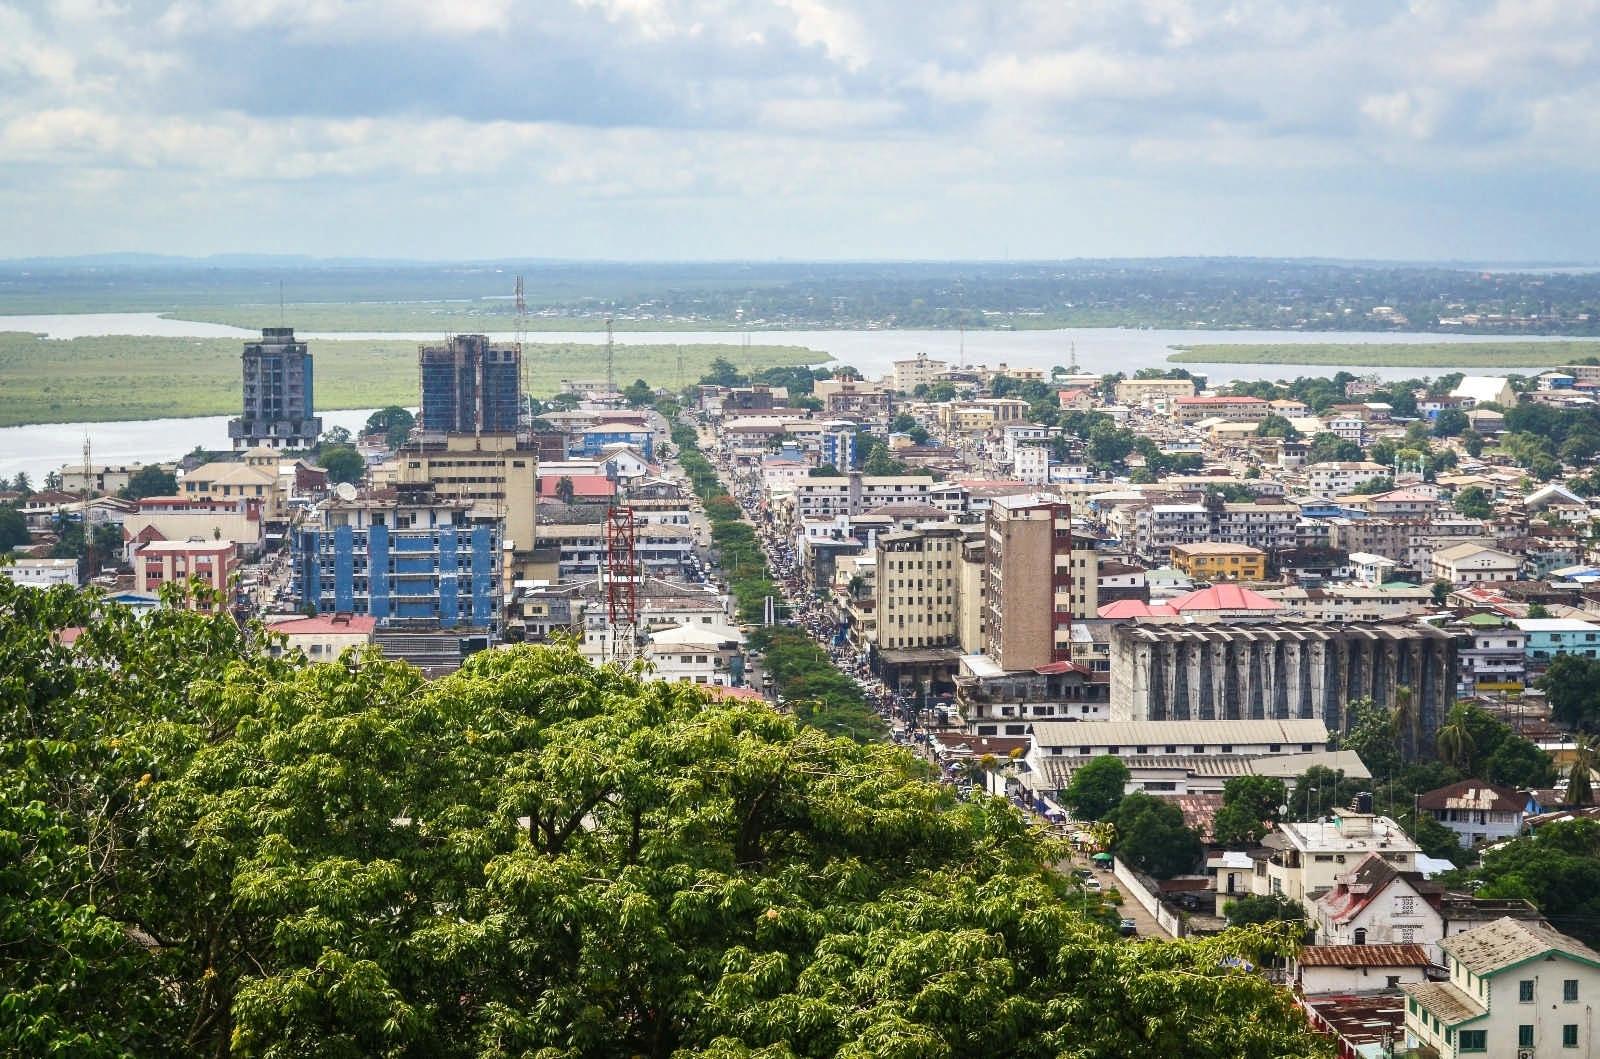 либерия монровия фото перепонки